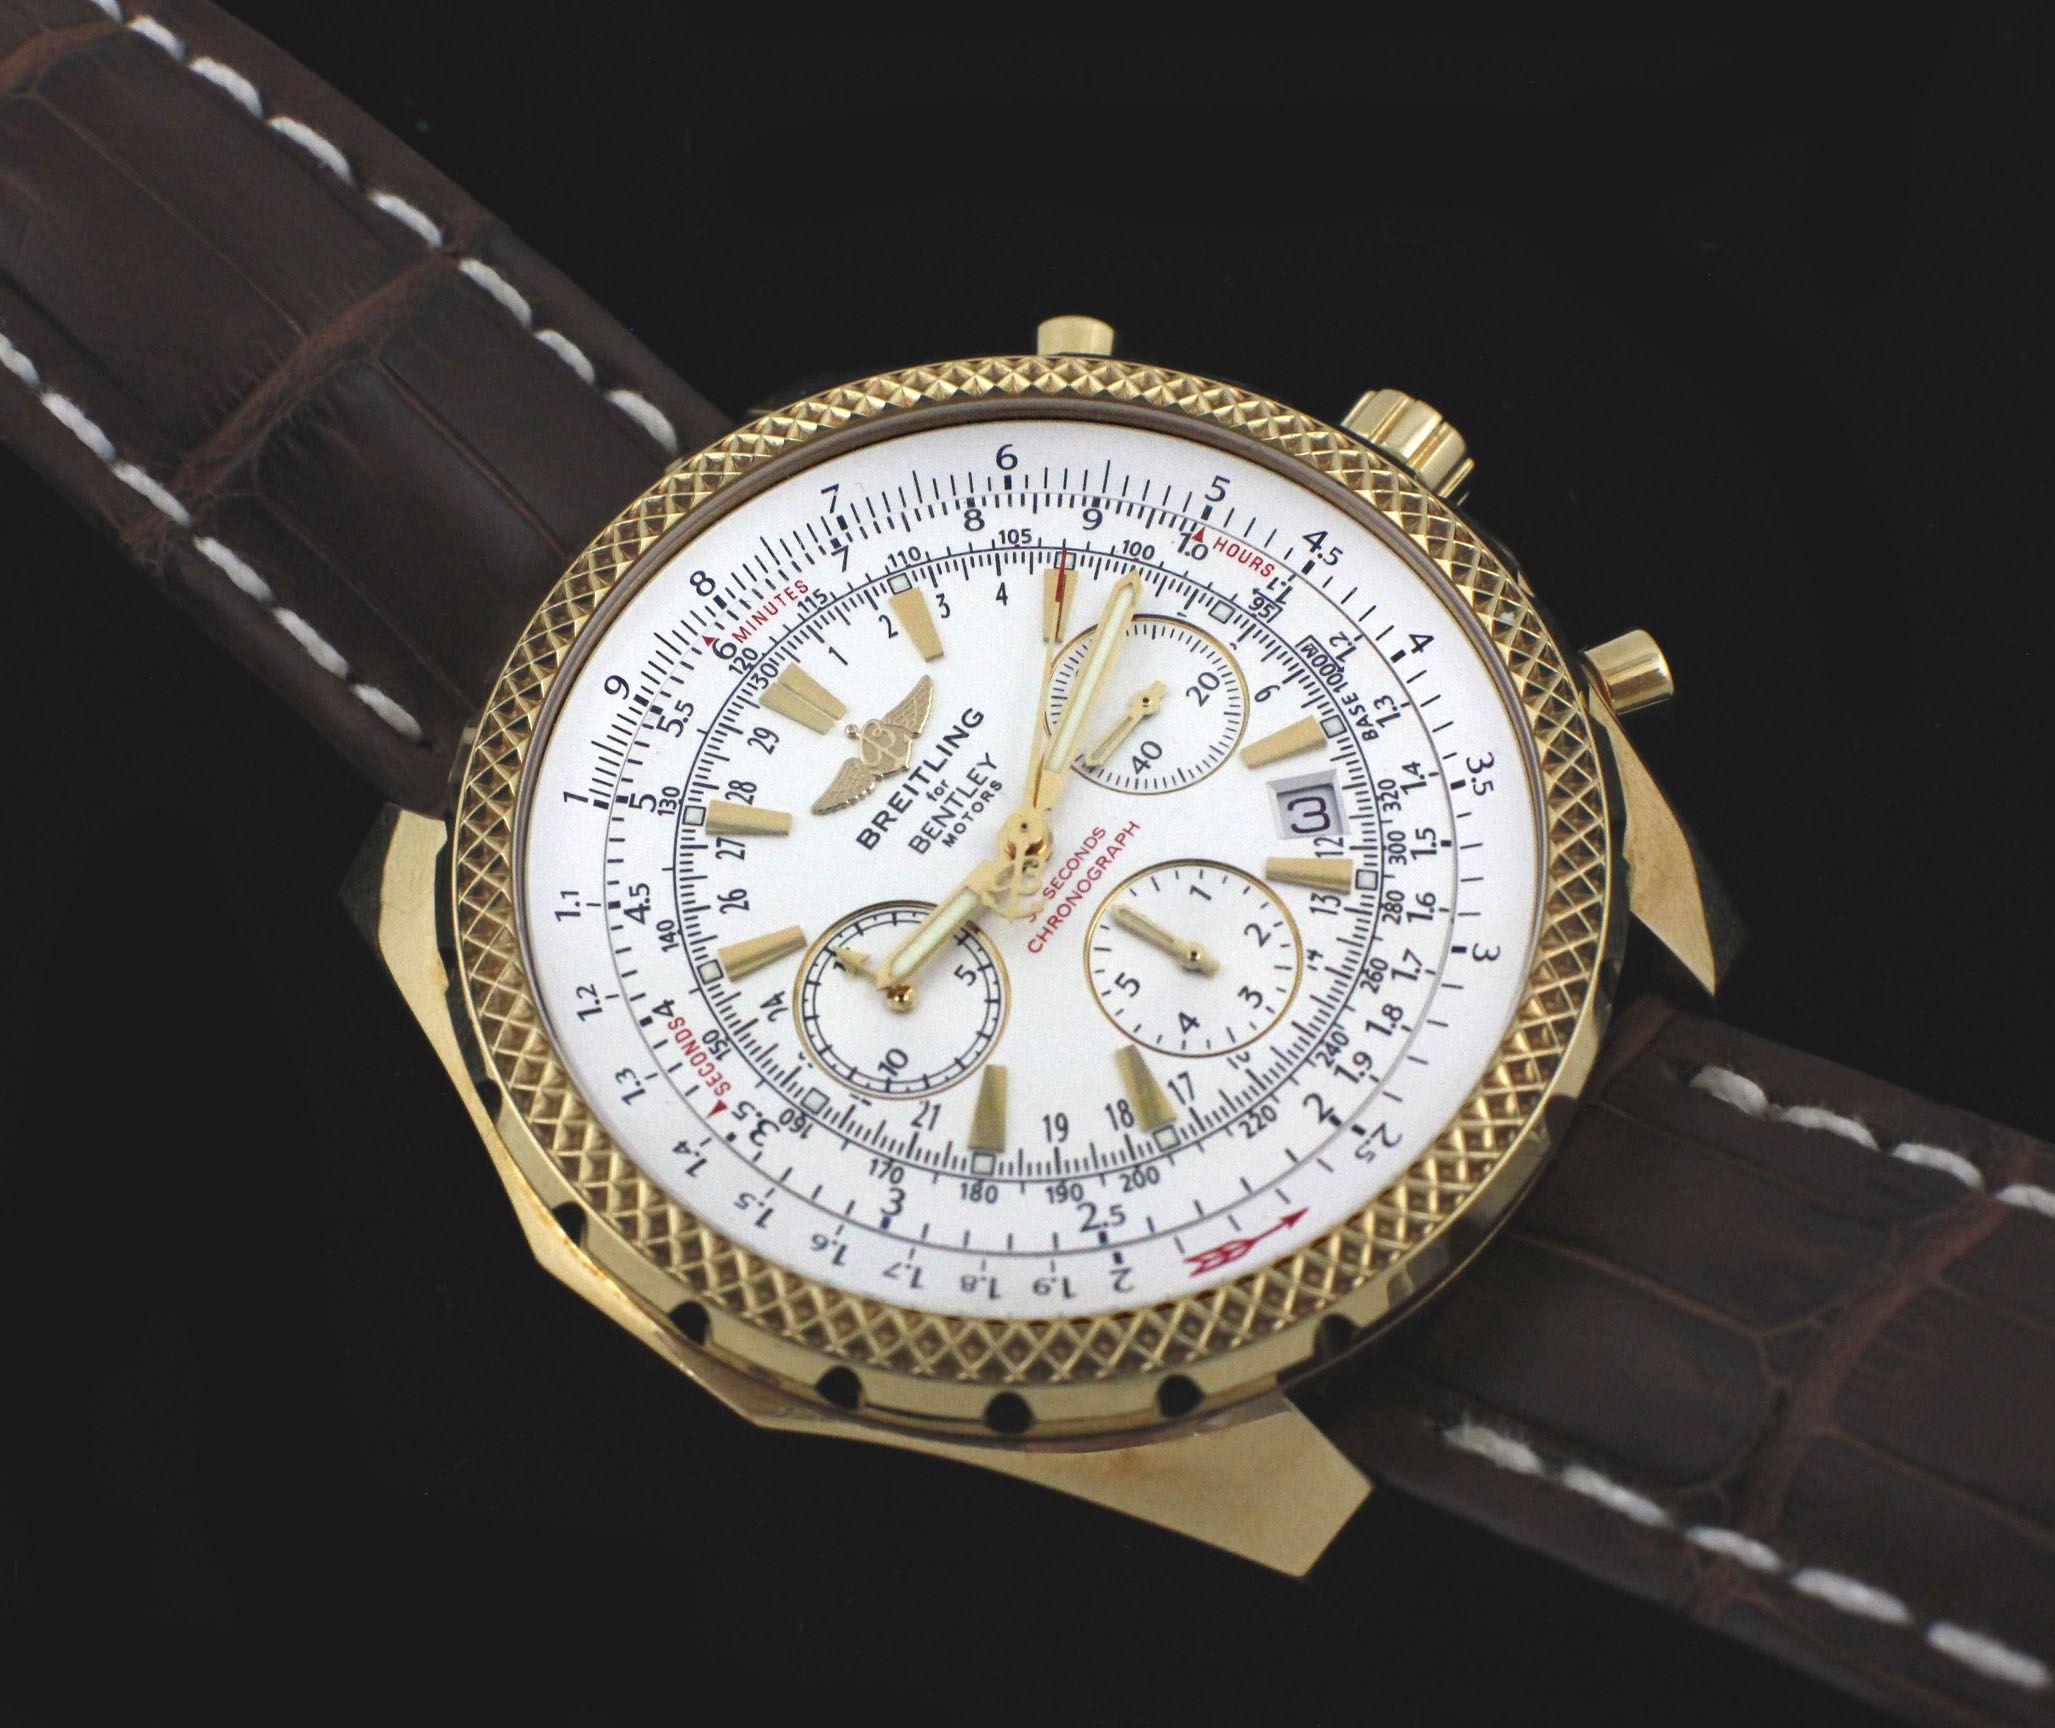 Breitling for Bentley Timepiece Ref: #K25362 #Breitling #Bentley #Swiss #Luxury #Collector #Geneva #Watchlink